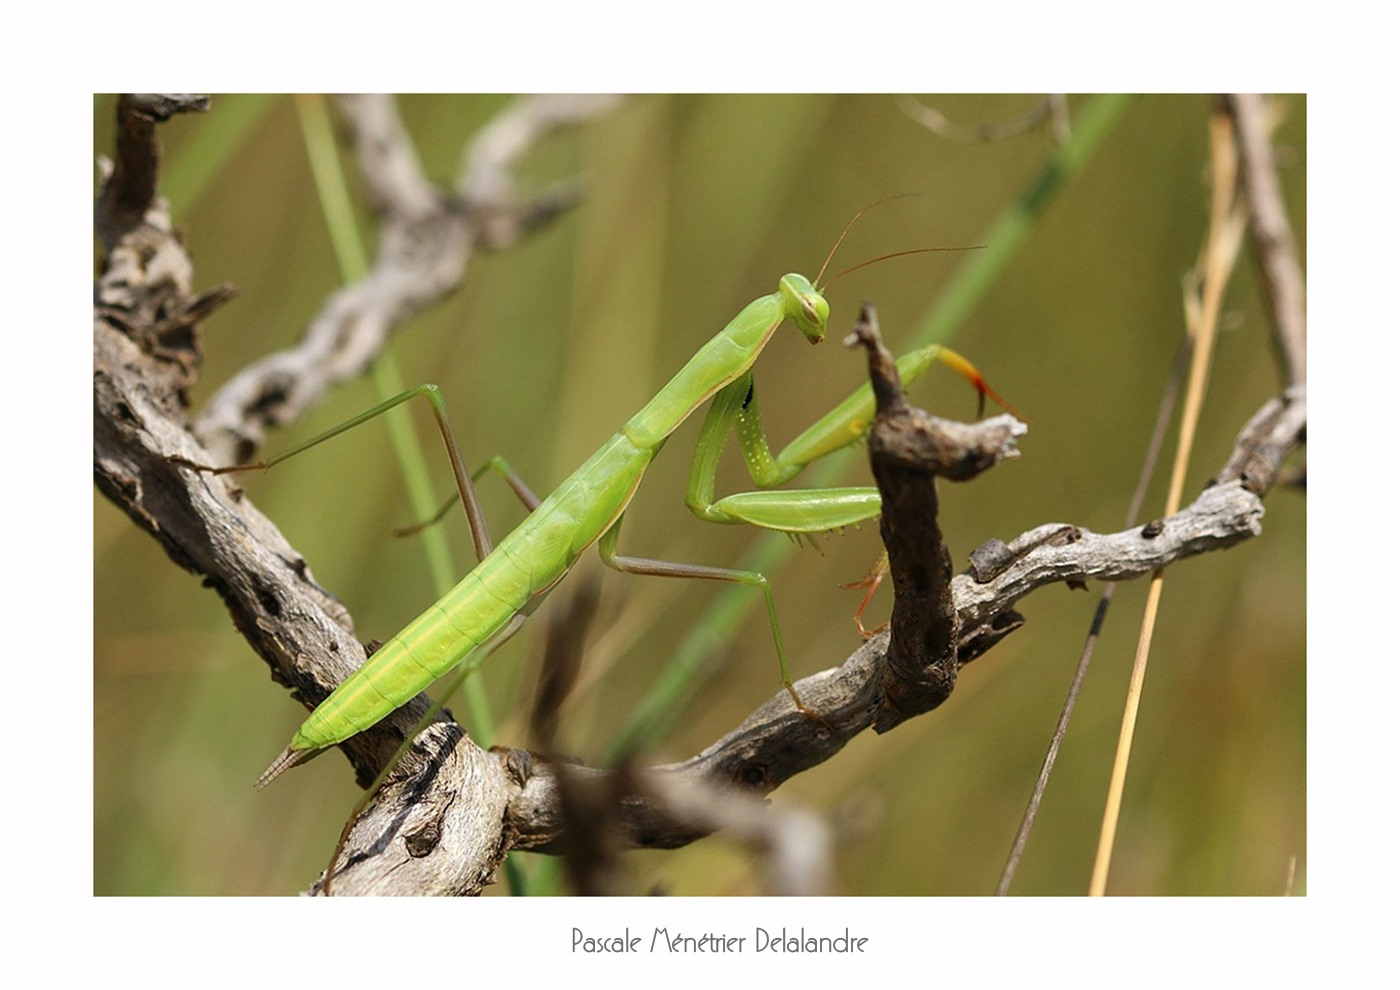 Mante religieuse forme verte immature - Mantis religiosa